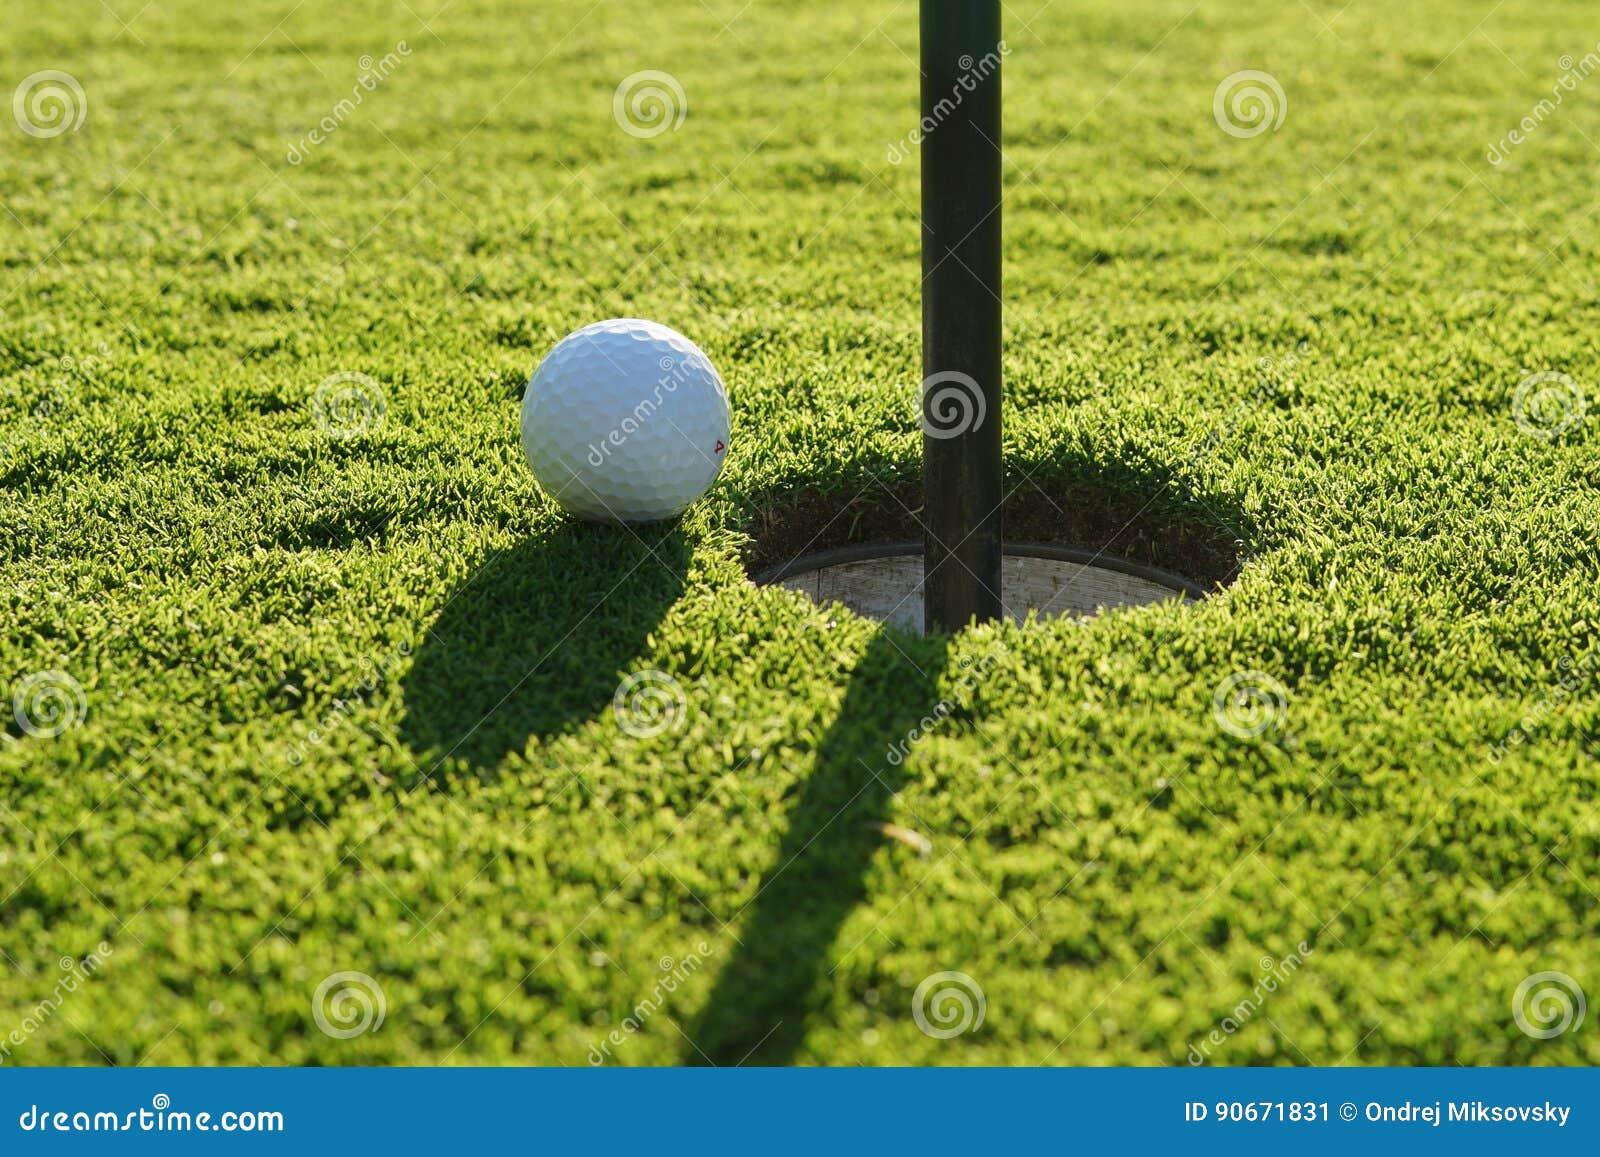 Σφαίρα γκολφ στο πράσινο